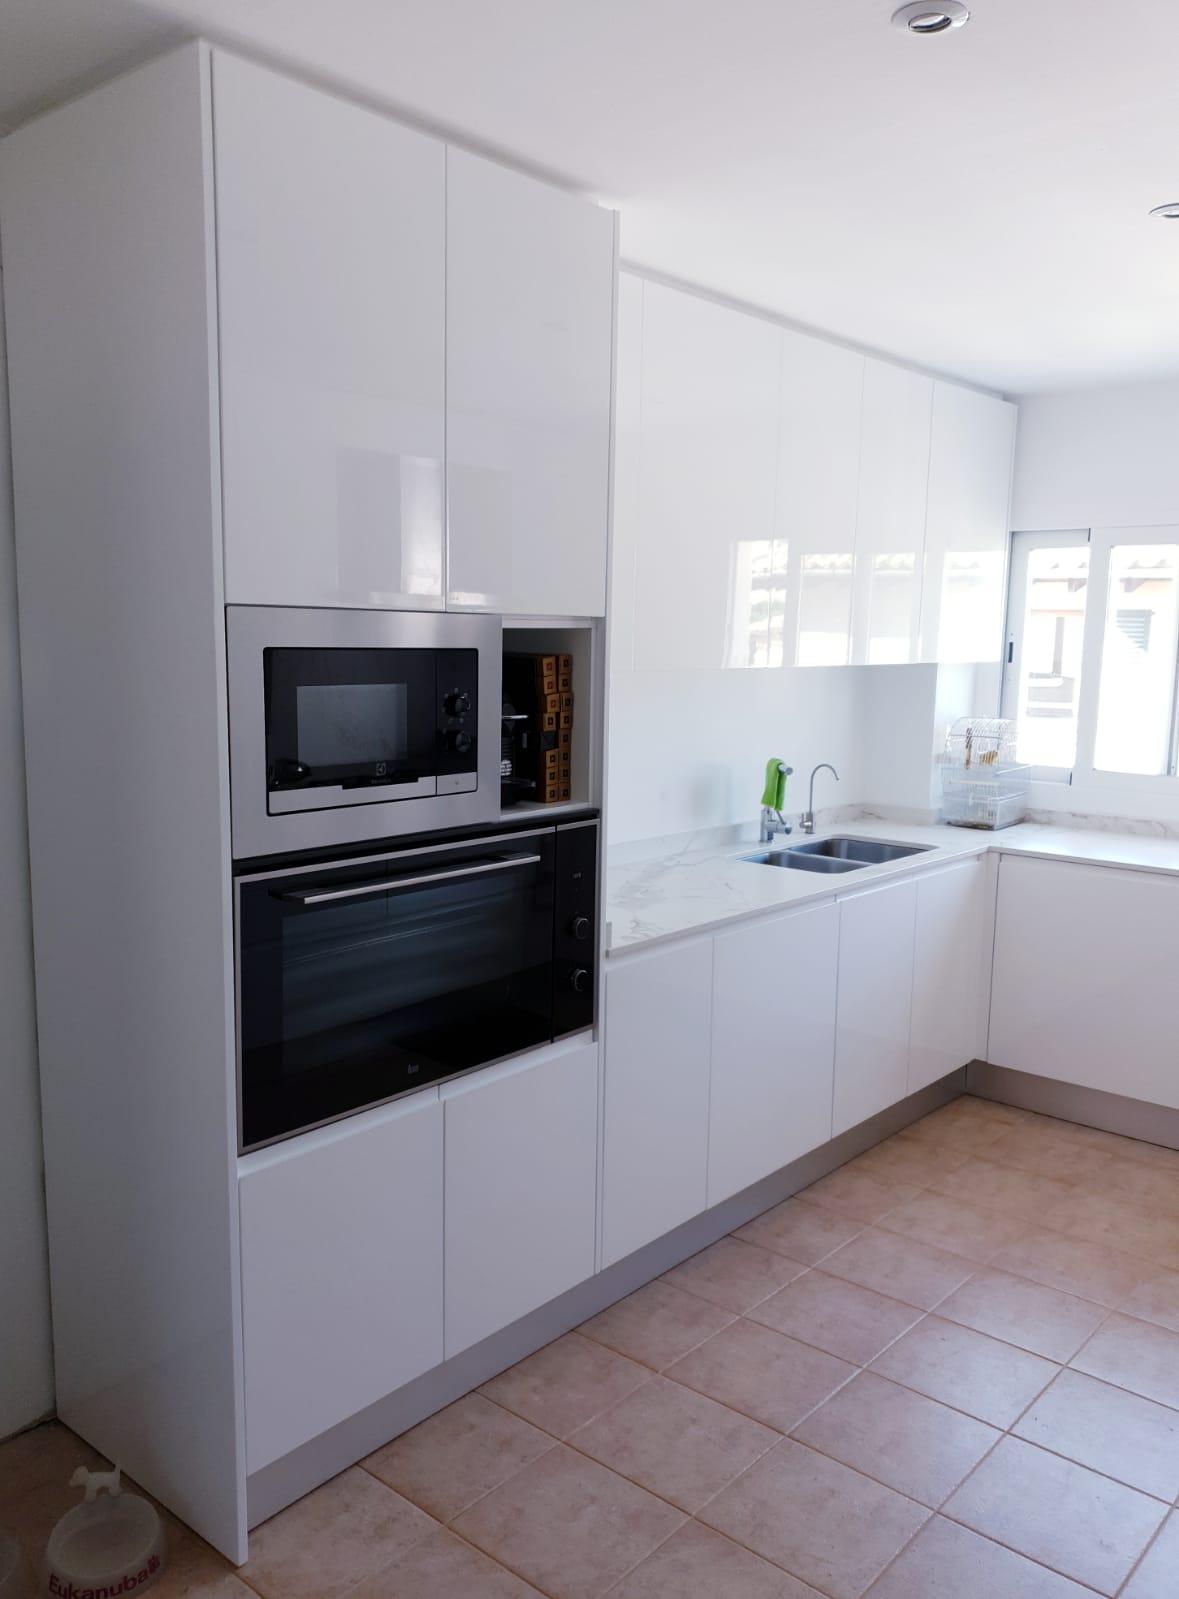 Cocinas-vallori (13)